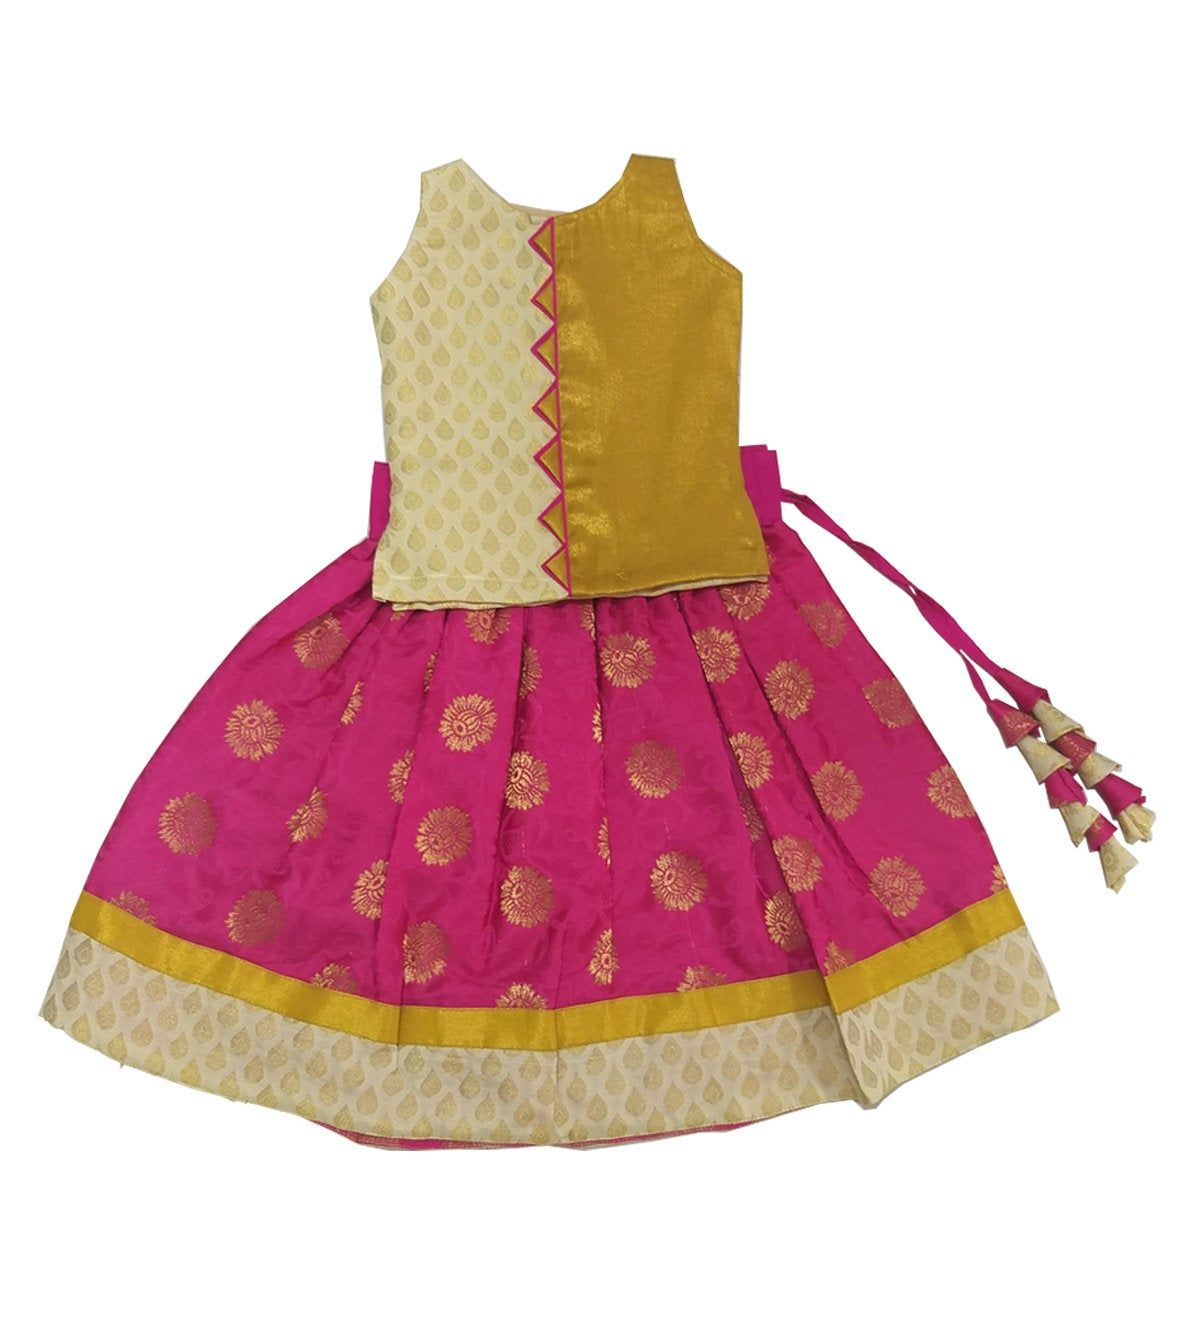 Pattu Pavadai Baby Girls Kids Banarasi Fancy Langa Pink Golden 6 Months To 9 Years Kids Blouse Designs Kids Dress Wear Baby Girl Dress Patterns